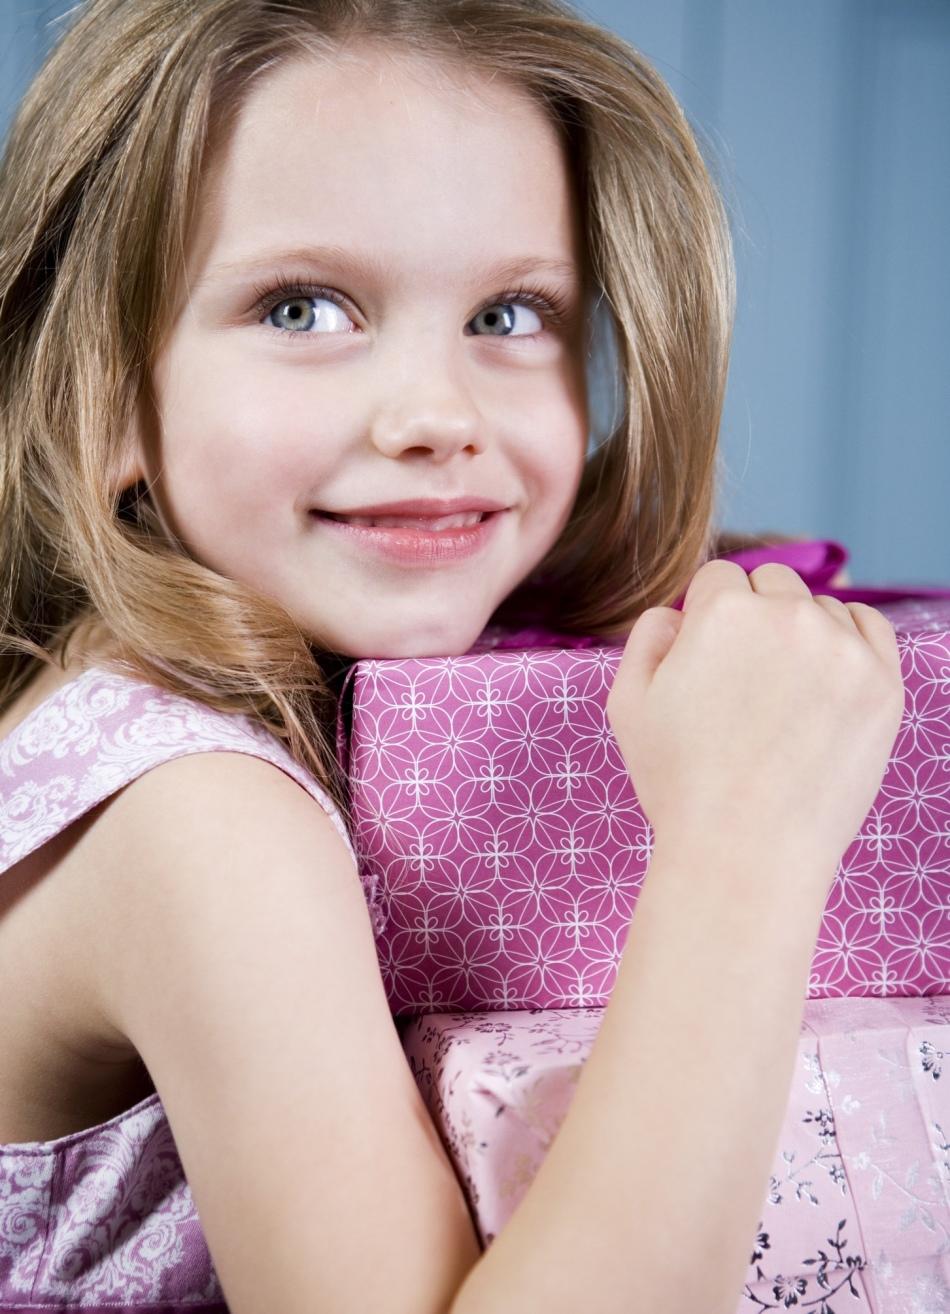 Имена для девочек сочетающиеся с отчеством евгеньевна